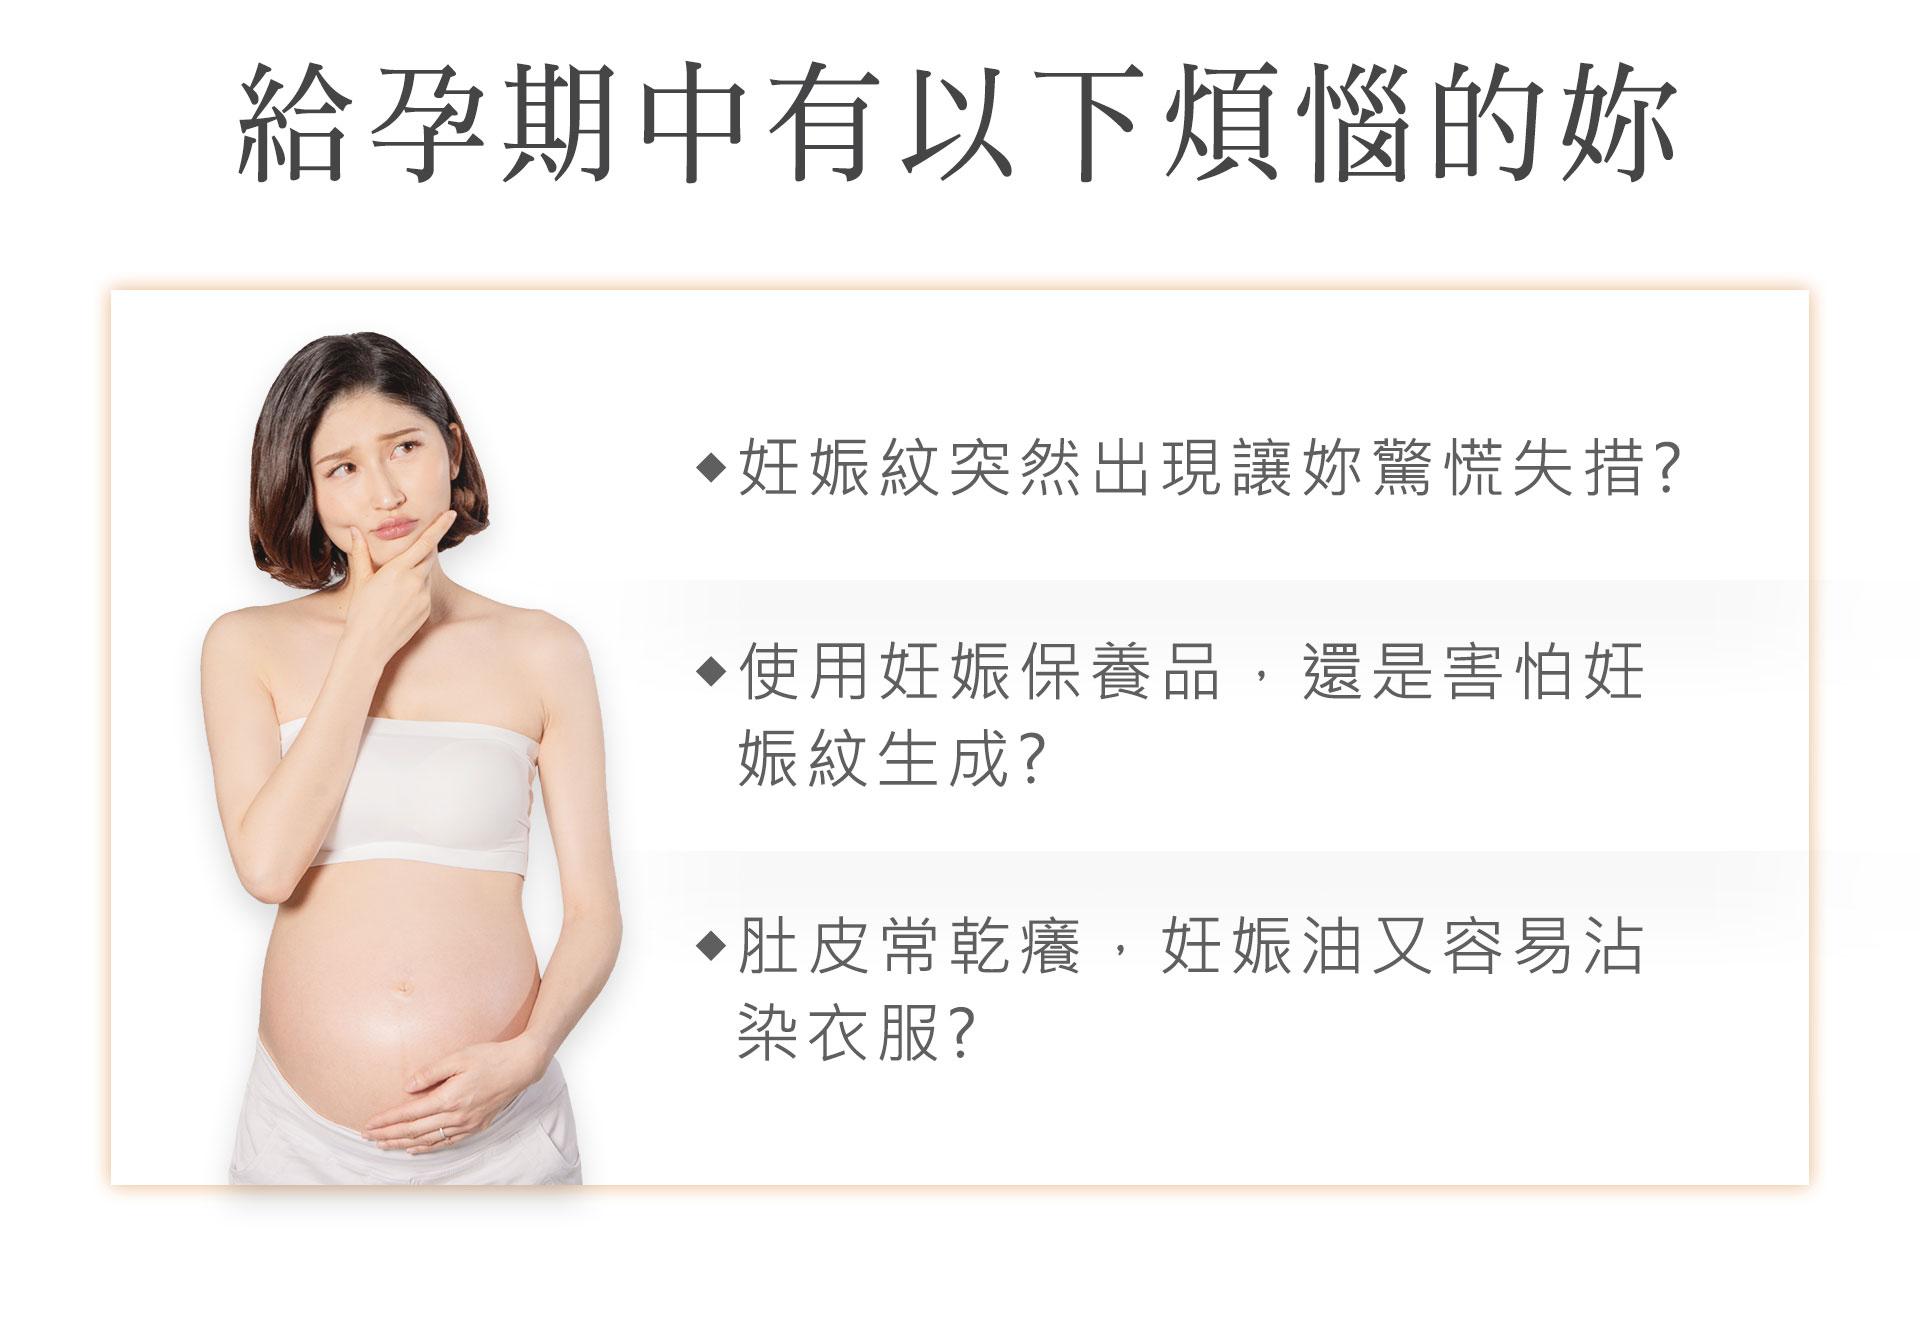 給孕期中有妊娠紋肚皮乾癢煩惱的妳.jpg